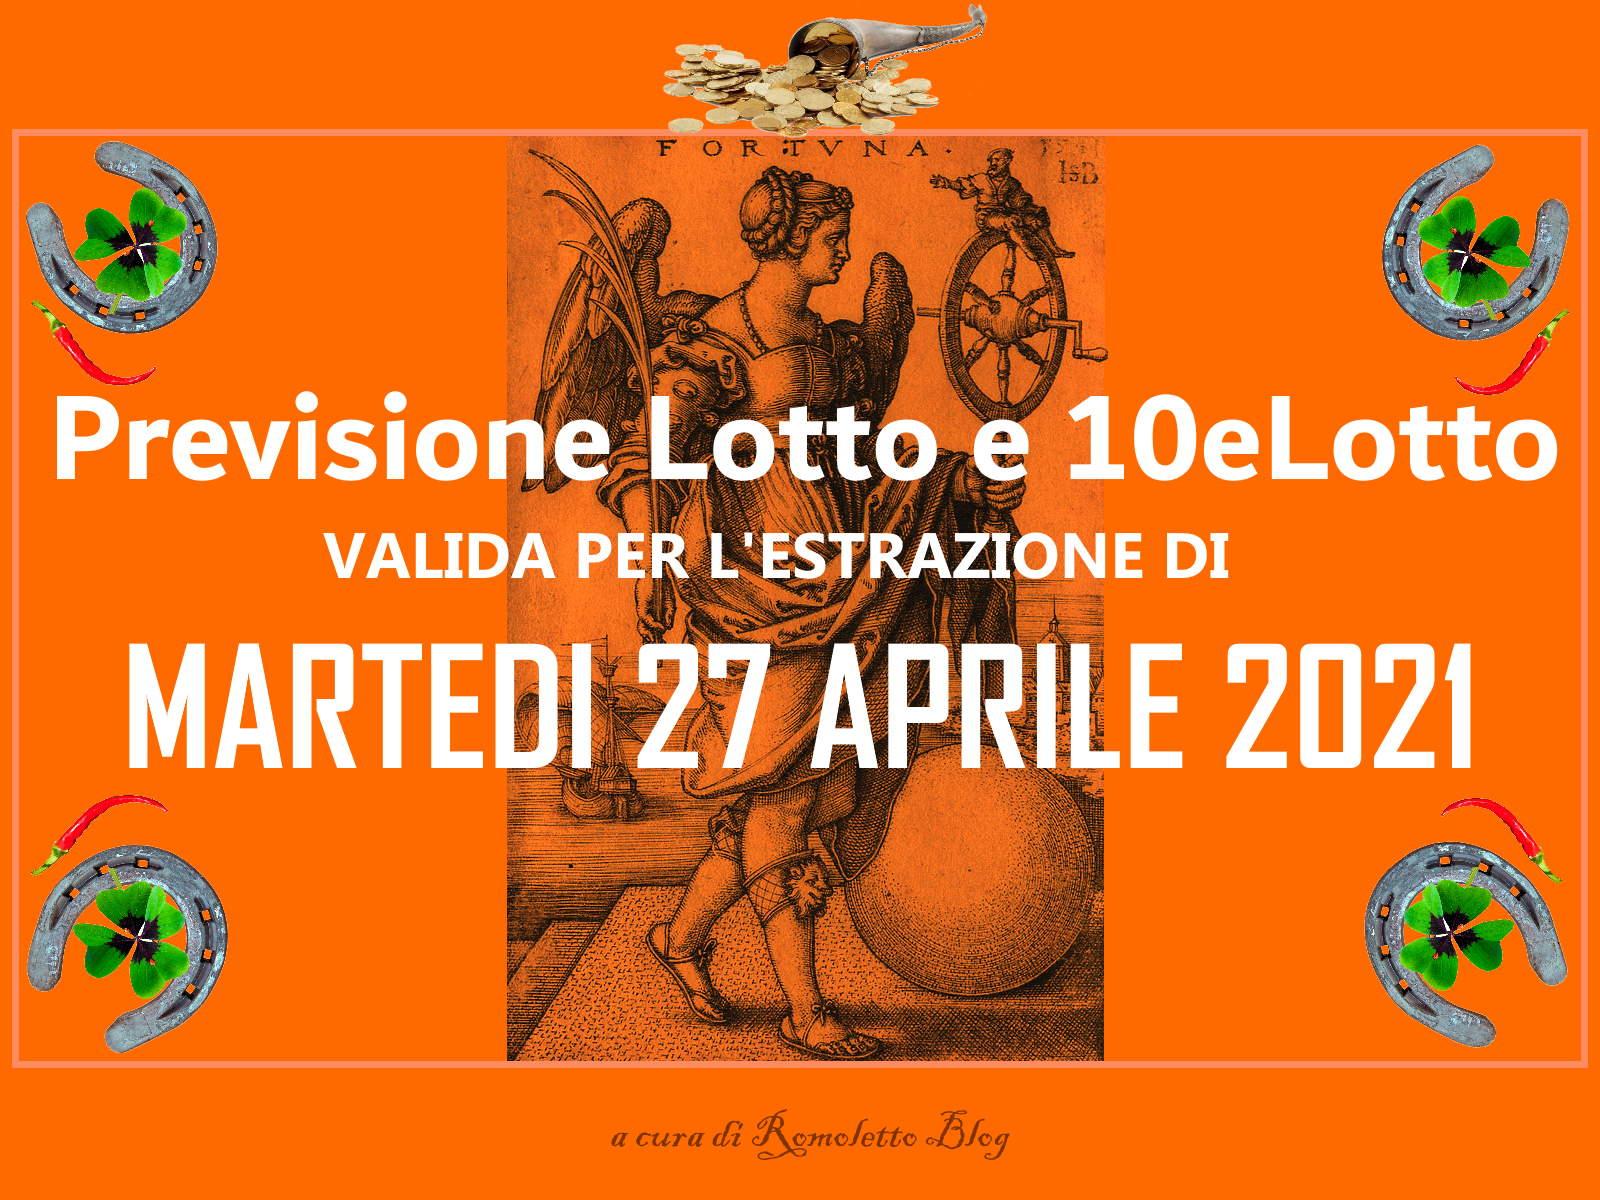 Previsione Lotto 27 Aprile 2021